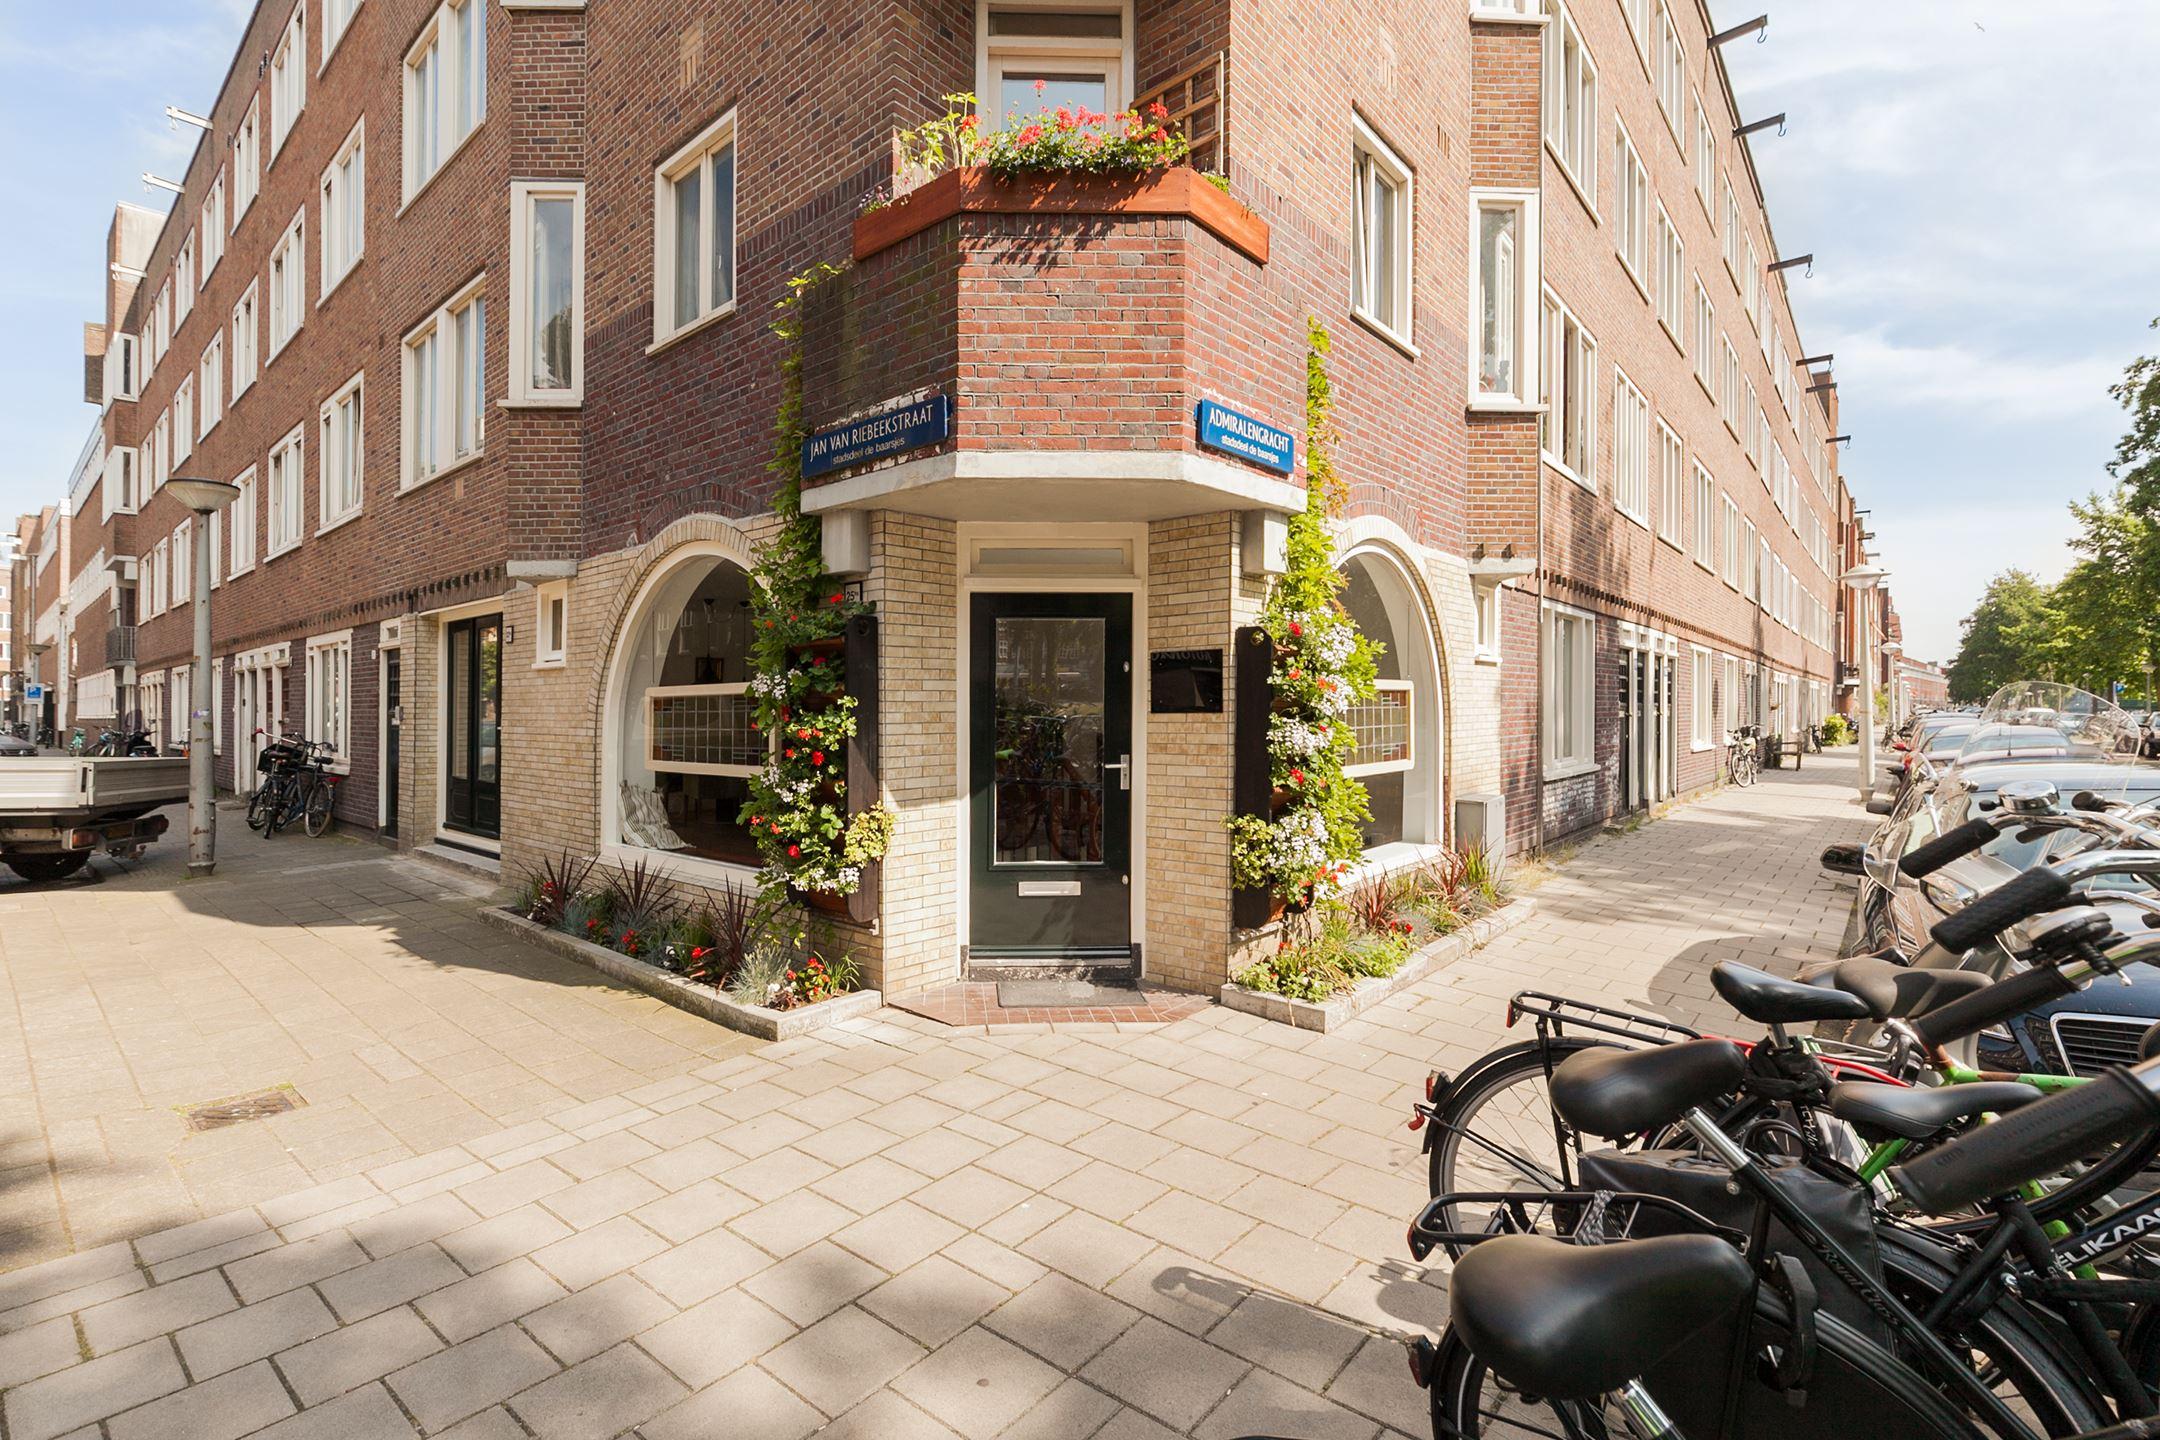 Verlichting winkel amsterdam west verlichting winkel amsterdam